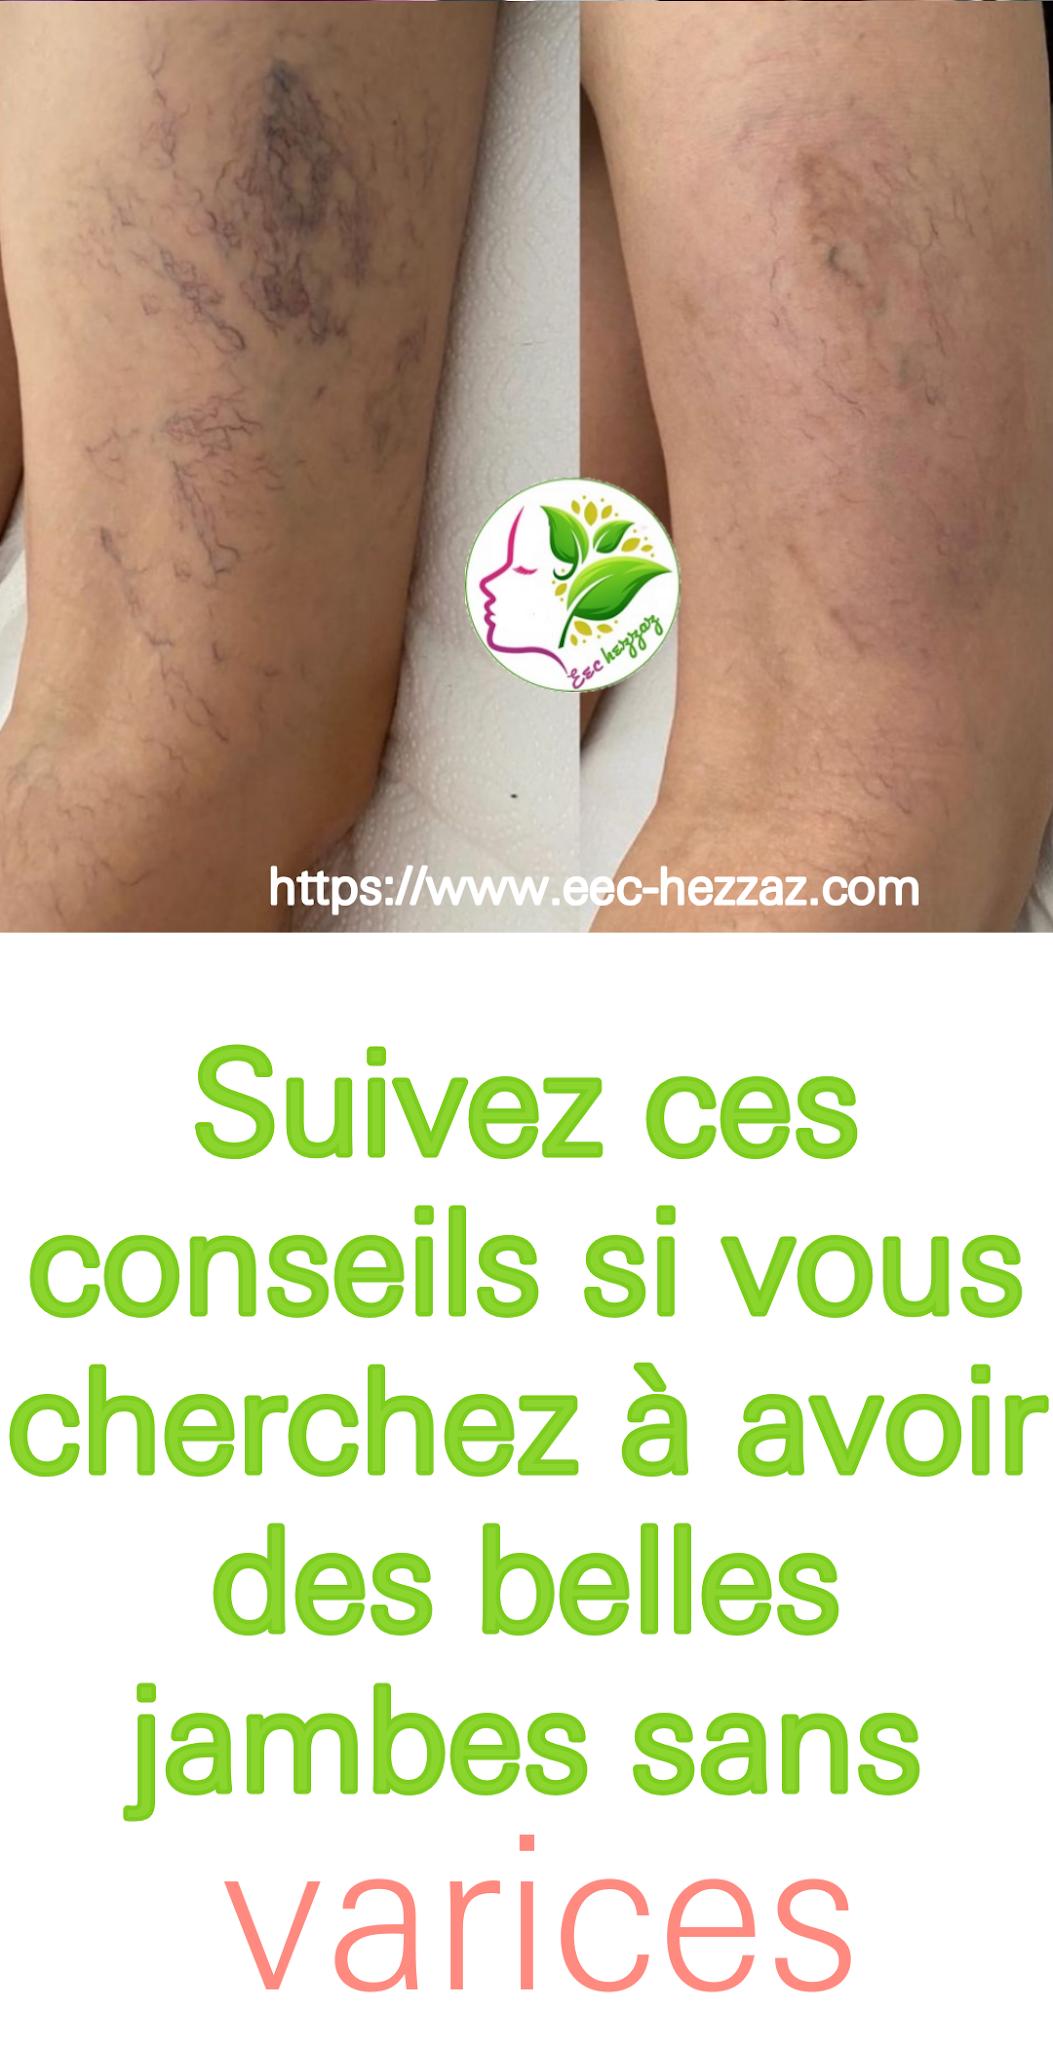 Suivez ces conseils si vous cherchez à avoir des belles jambes sans varices